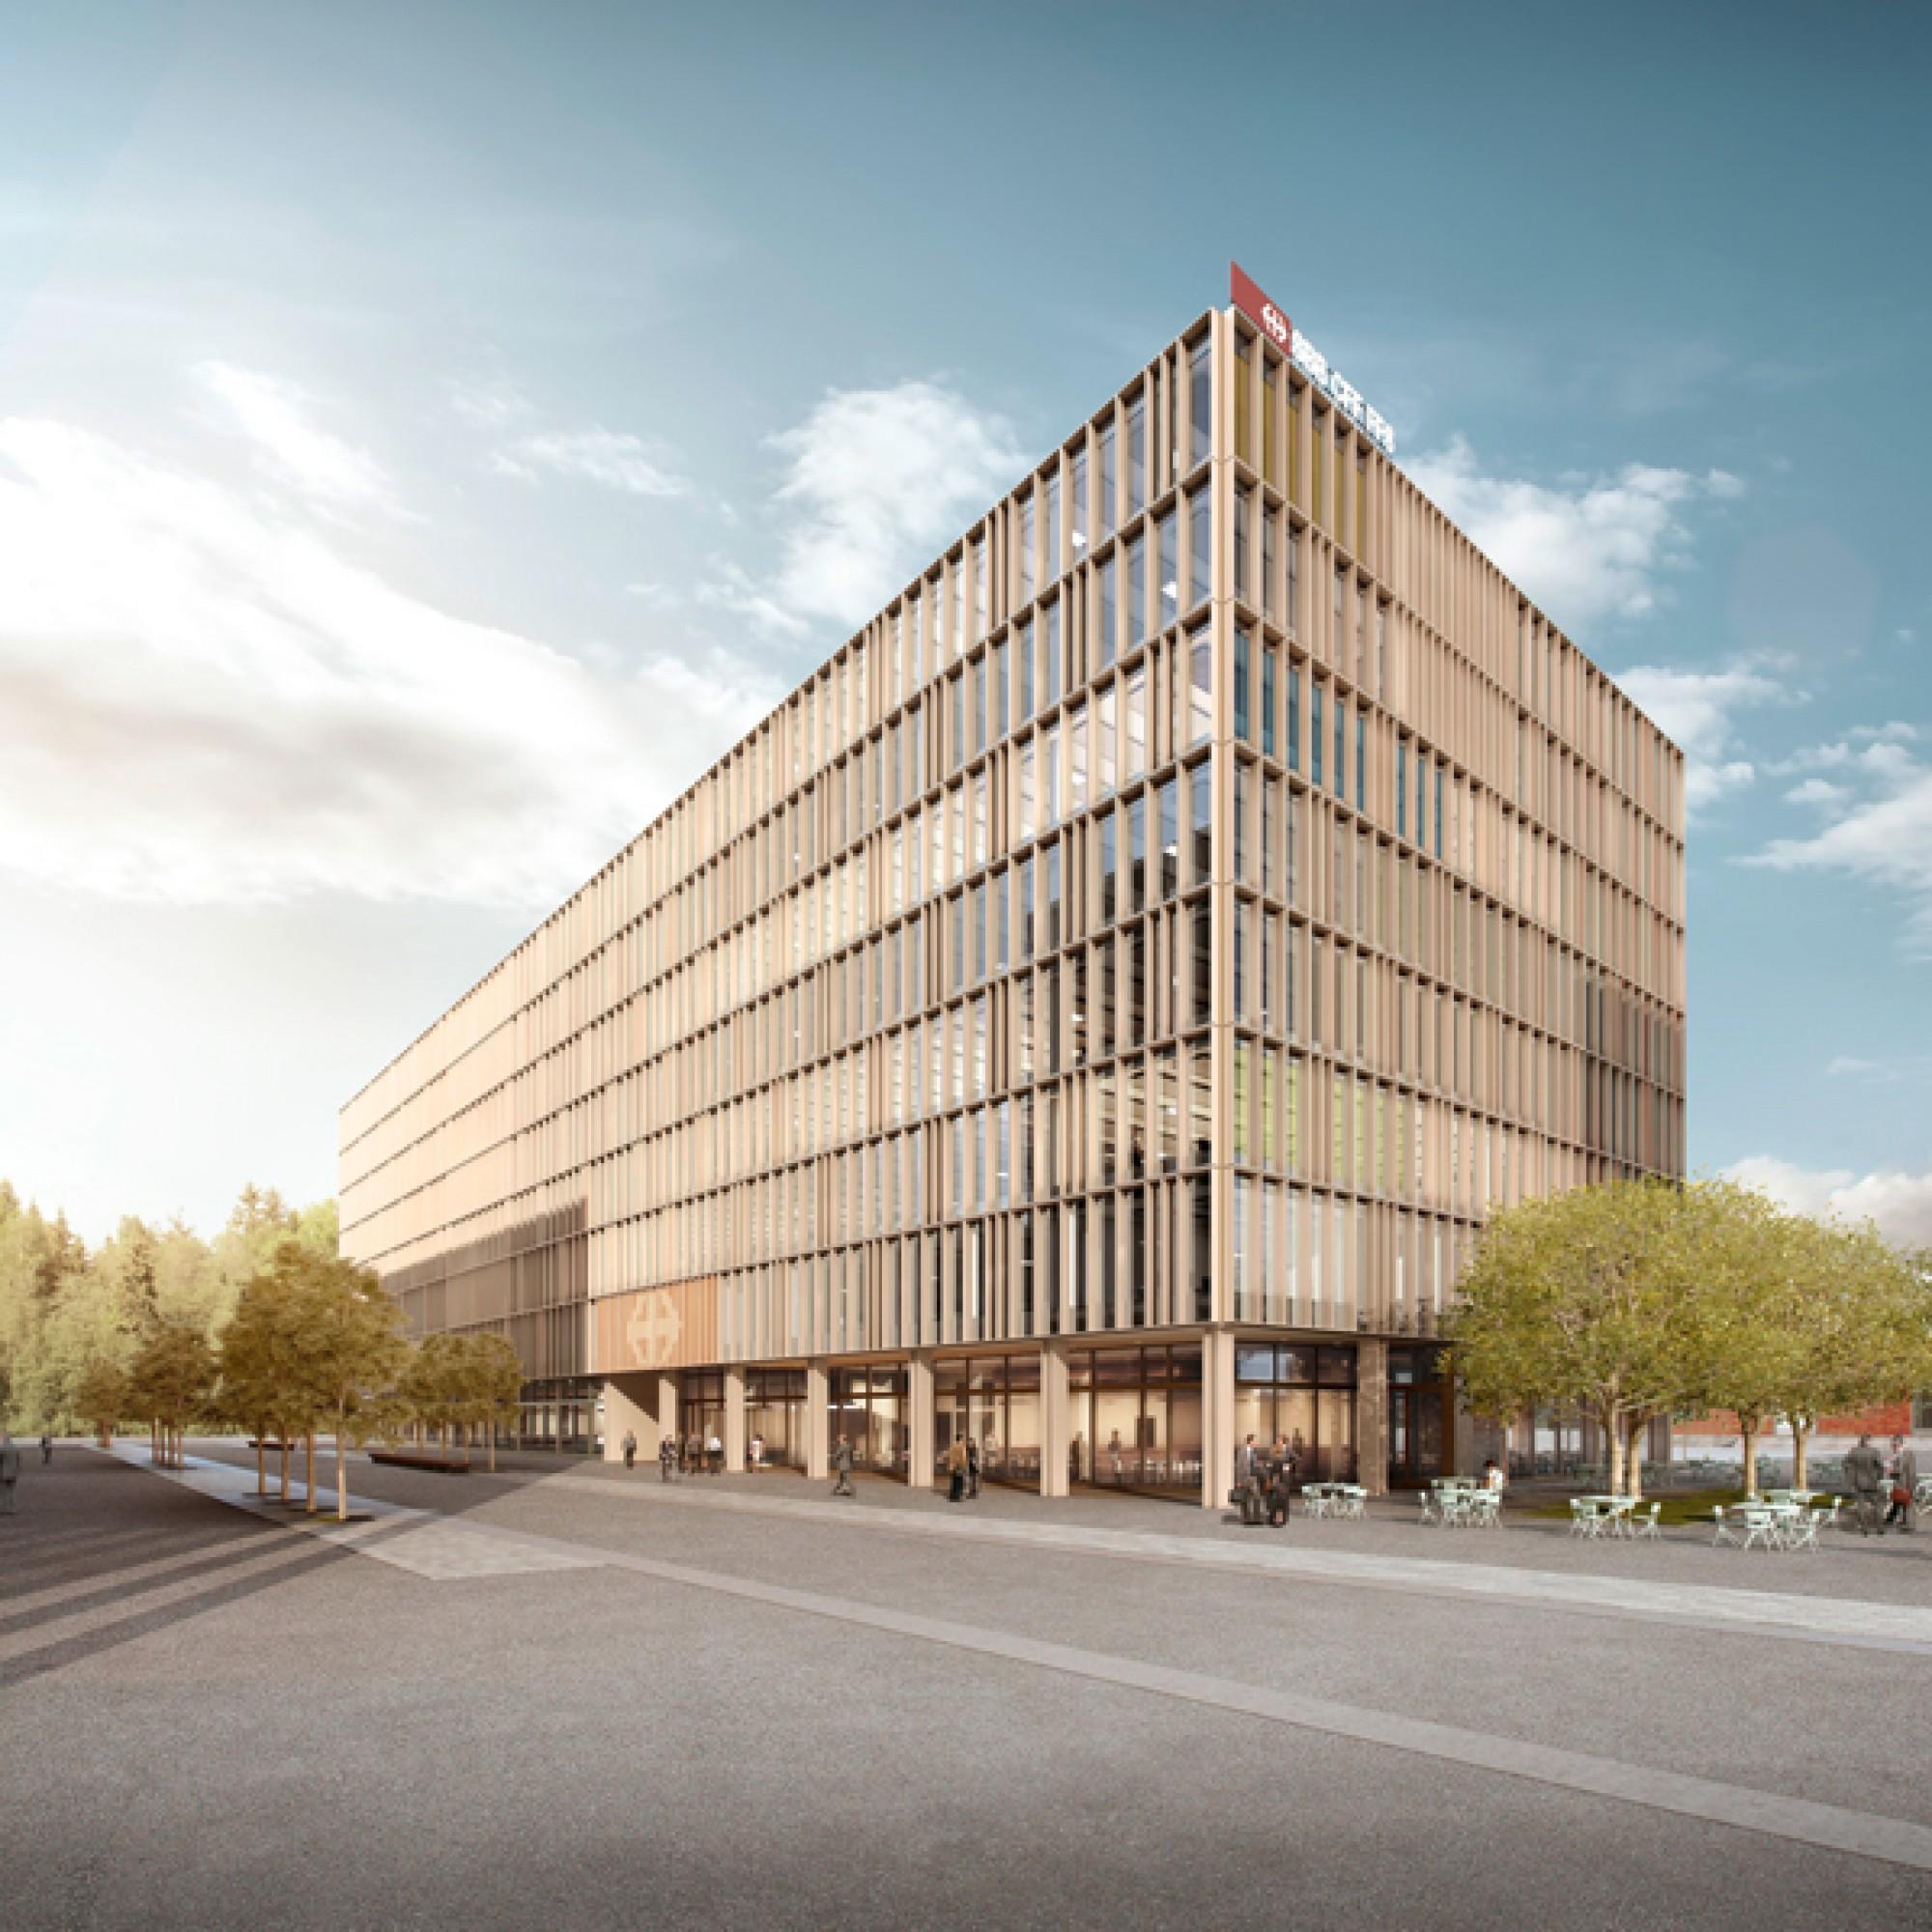 Künftig sollen alle IT-Büros im Raum Bern an einem Standort untergebracht werden. (zvg)